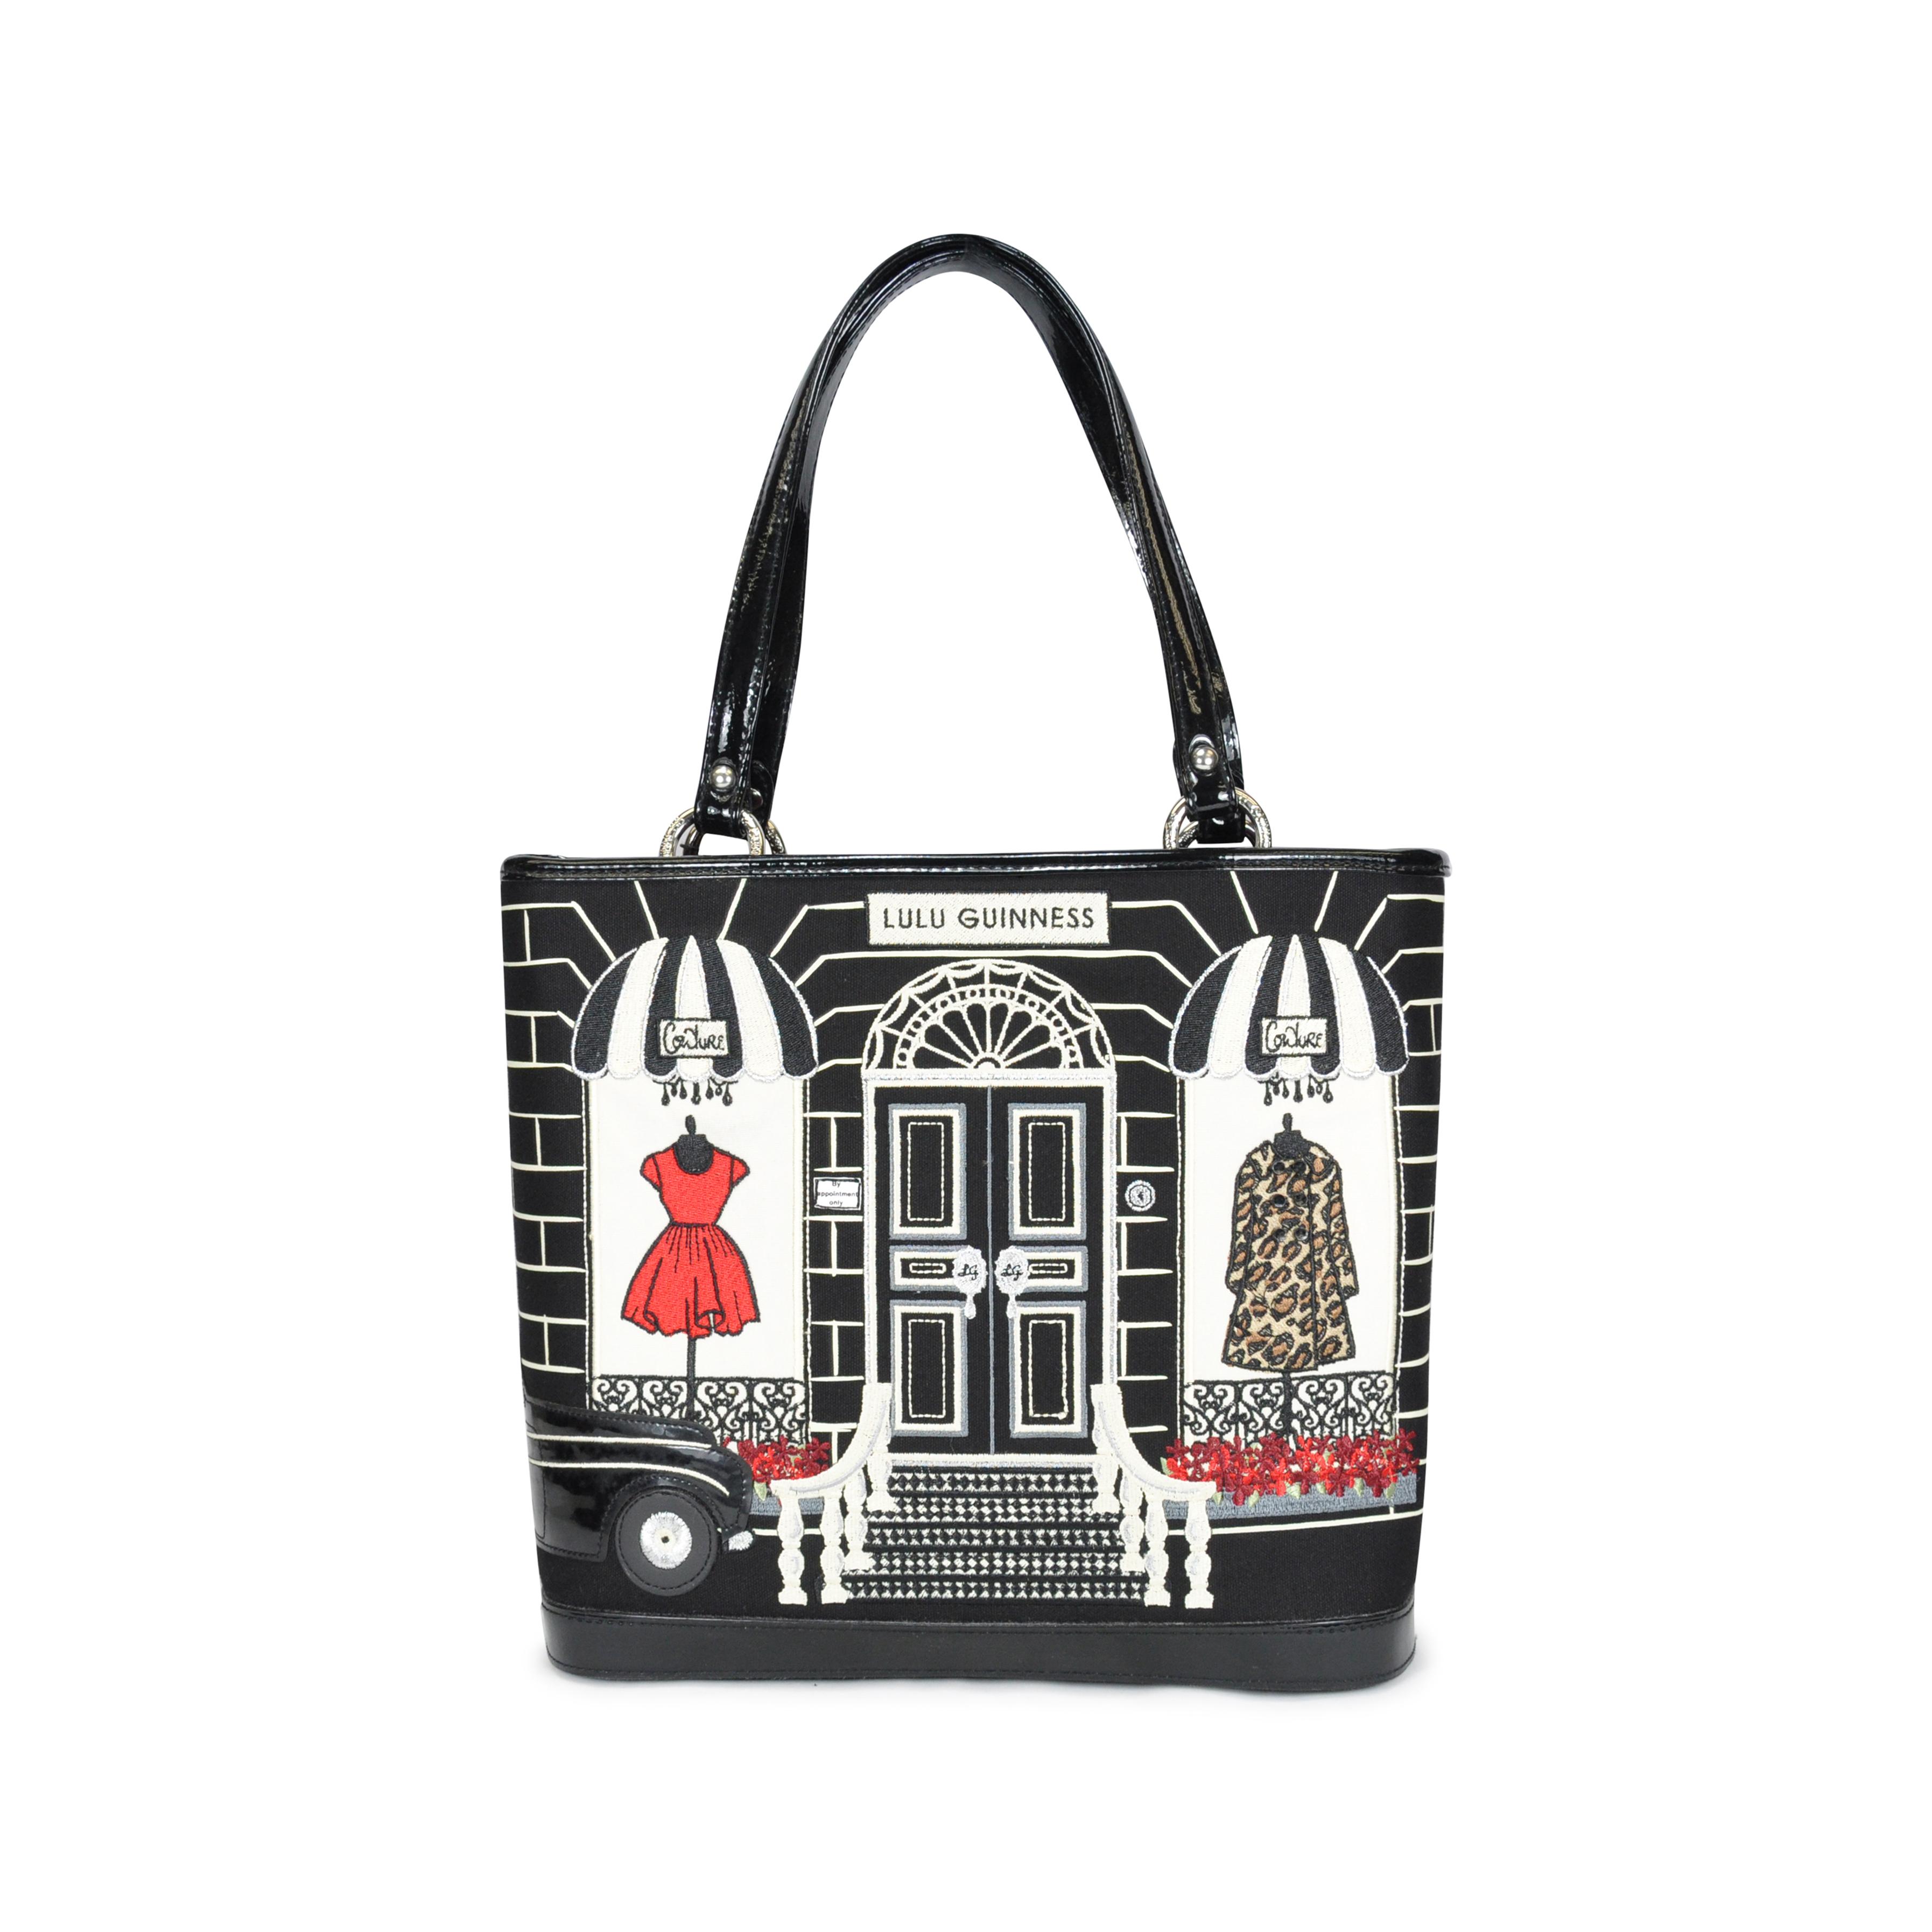 Authentic Pre Owned Lulu Guinness Souvenir De Paris Bag Pss 086 00002 The Fifth Collection